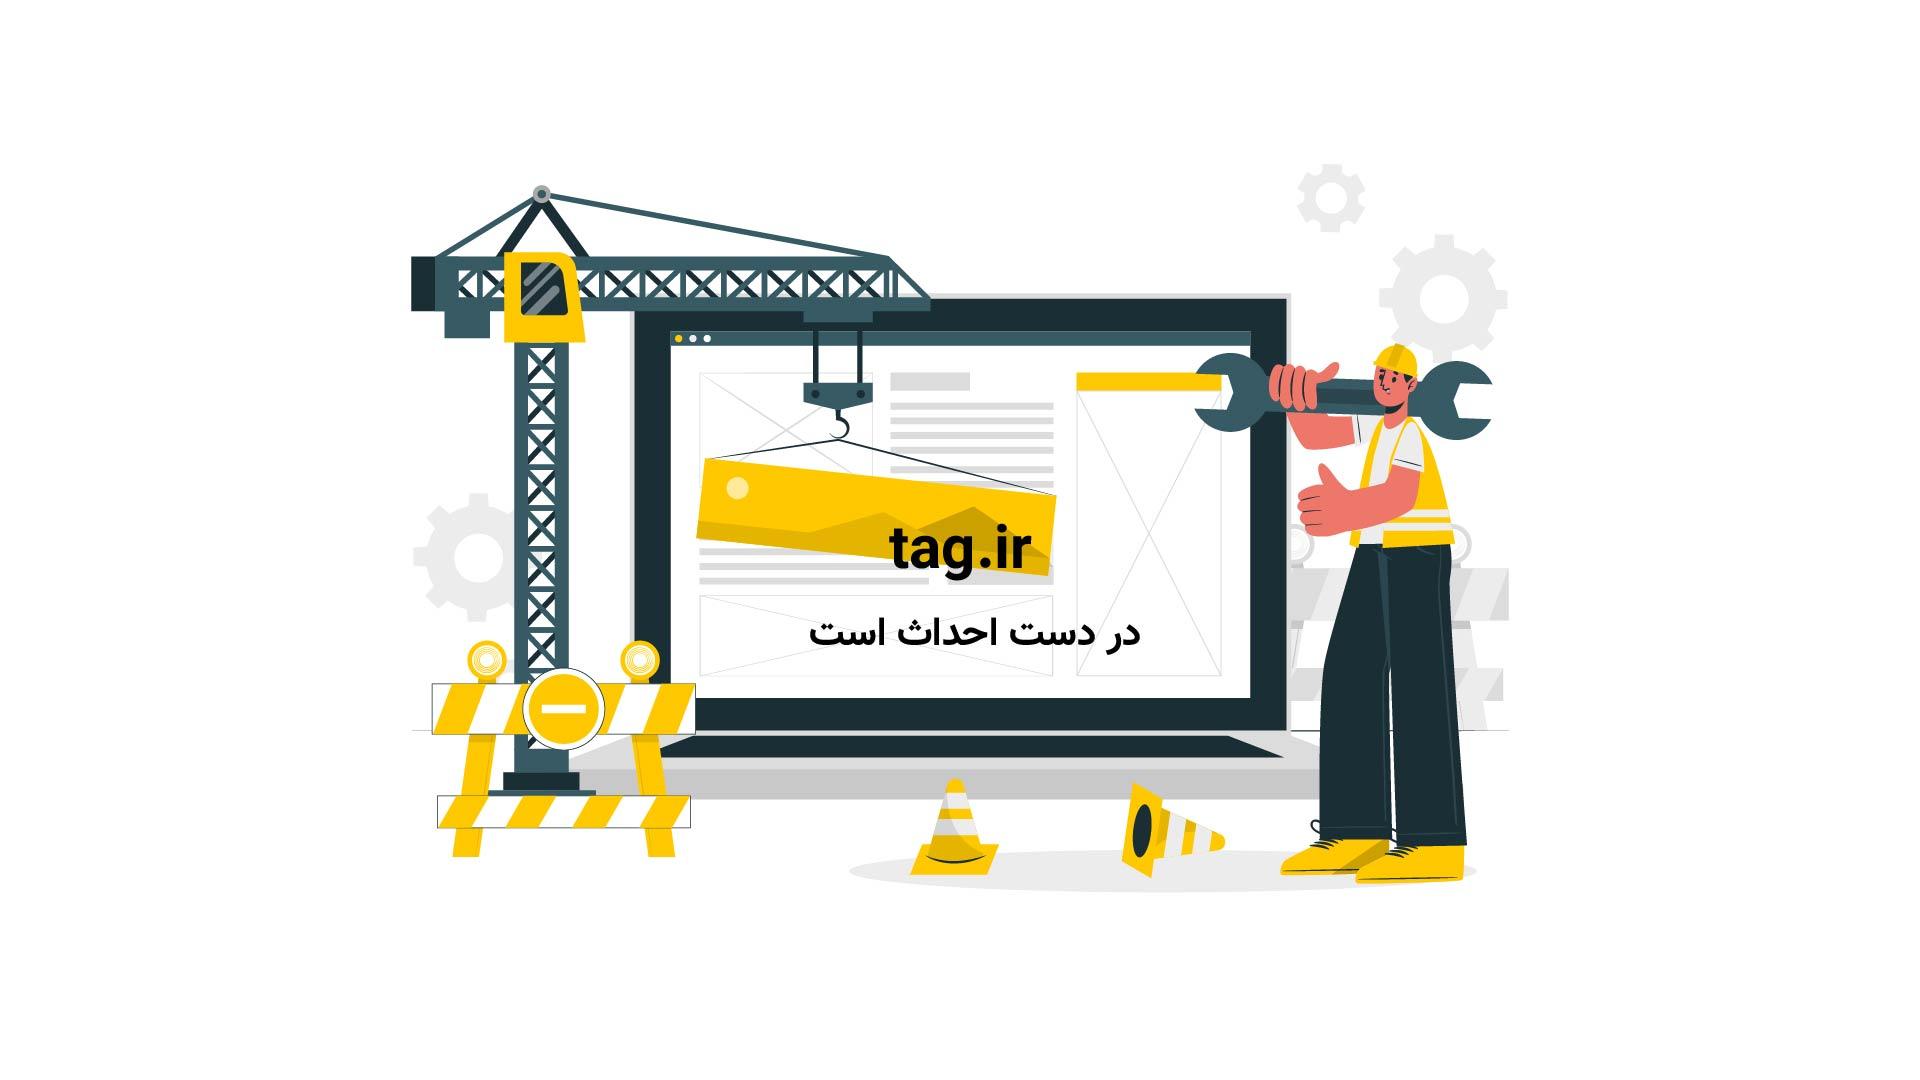 جنگل های نیوزیلند | تگ